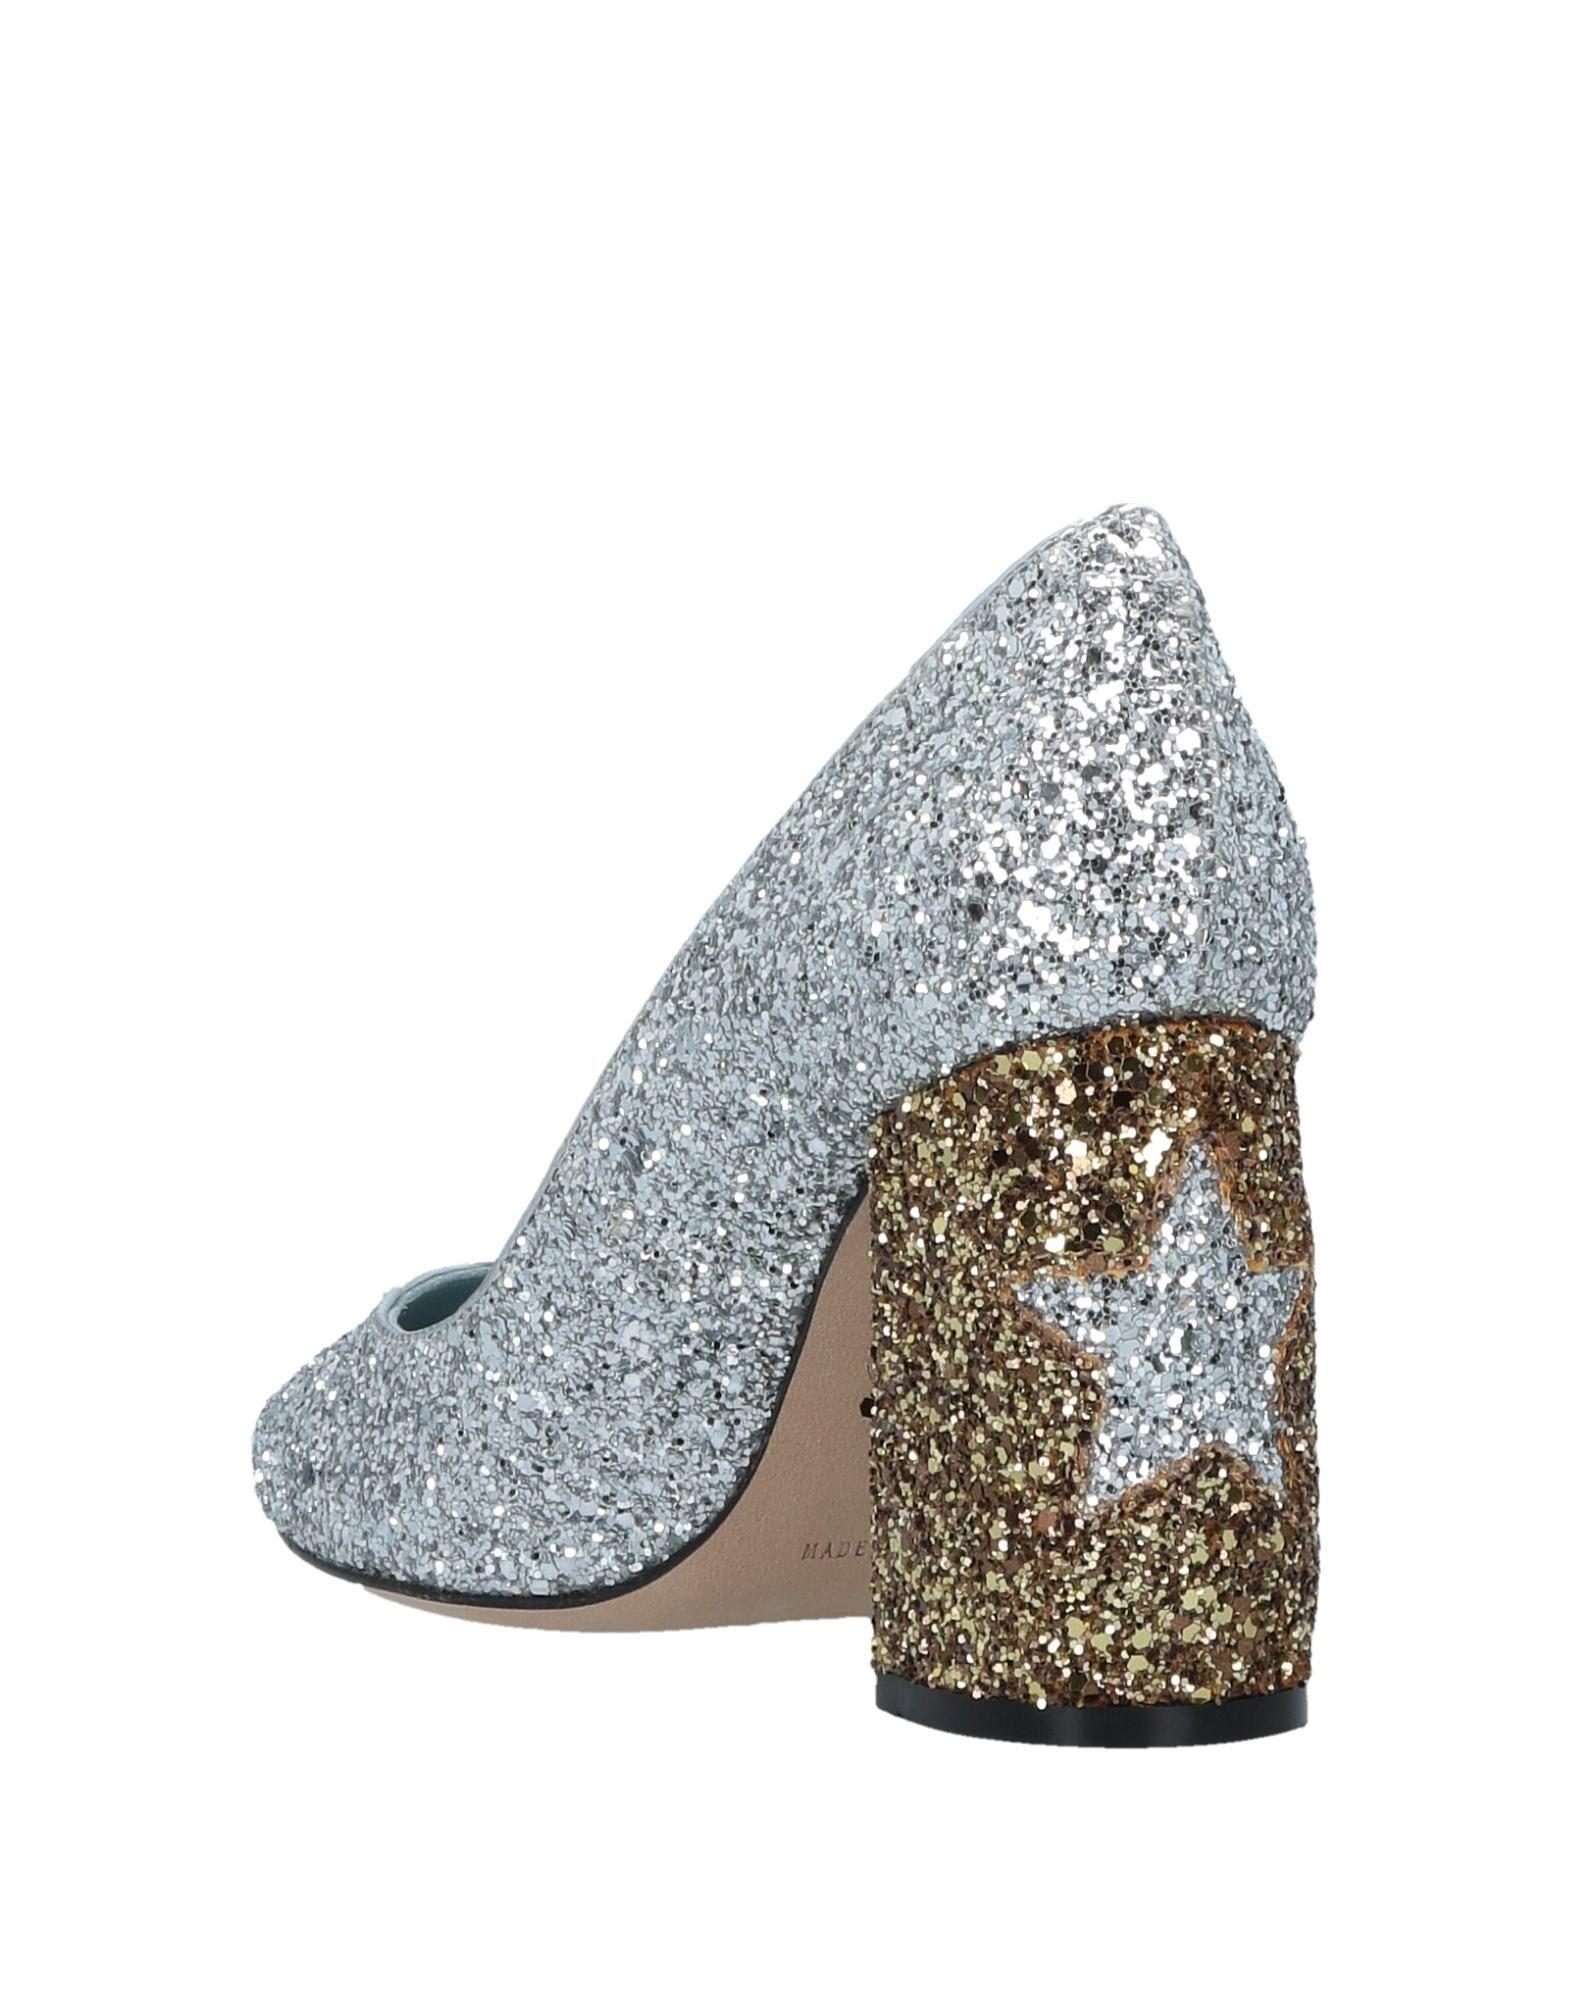 Chiara Ferragni 11520121CXGut Pumps Damen  11520121CXGut Ferragni aussehende strapazierfähige Schuhe b11c9a